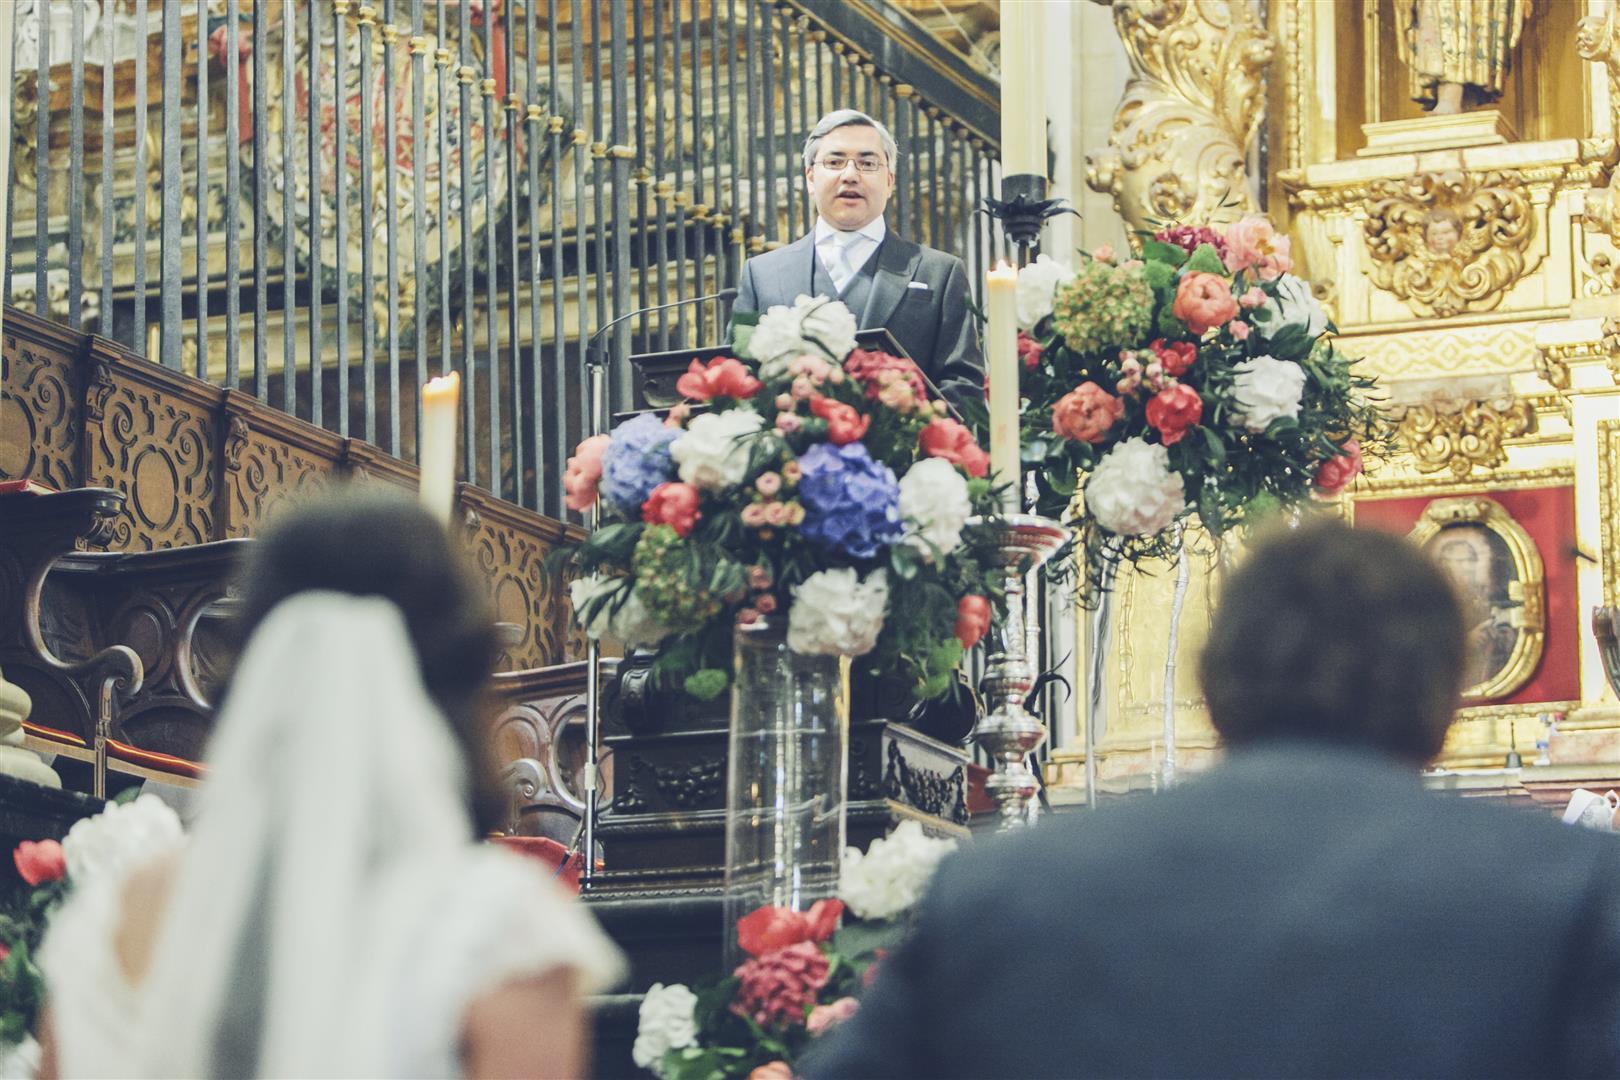 centros flores hortensias peonias iglesia